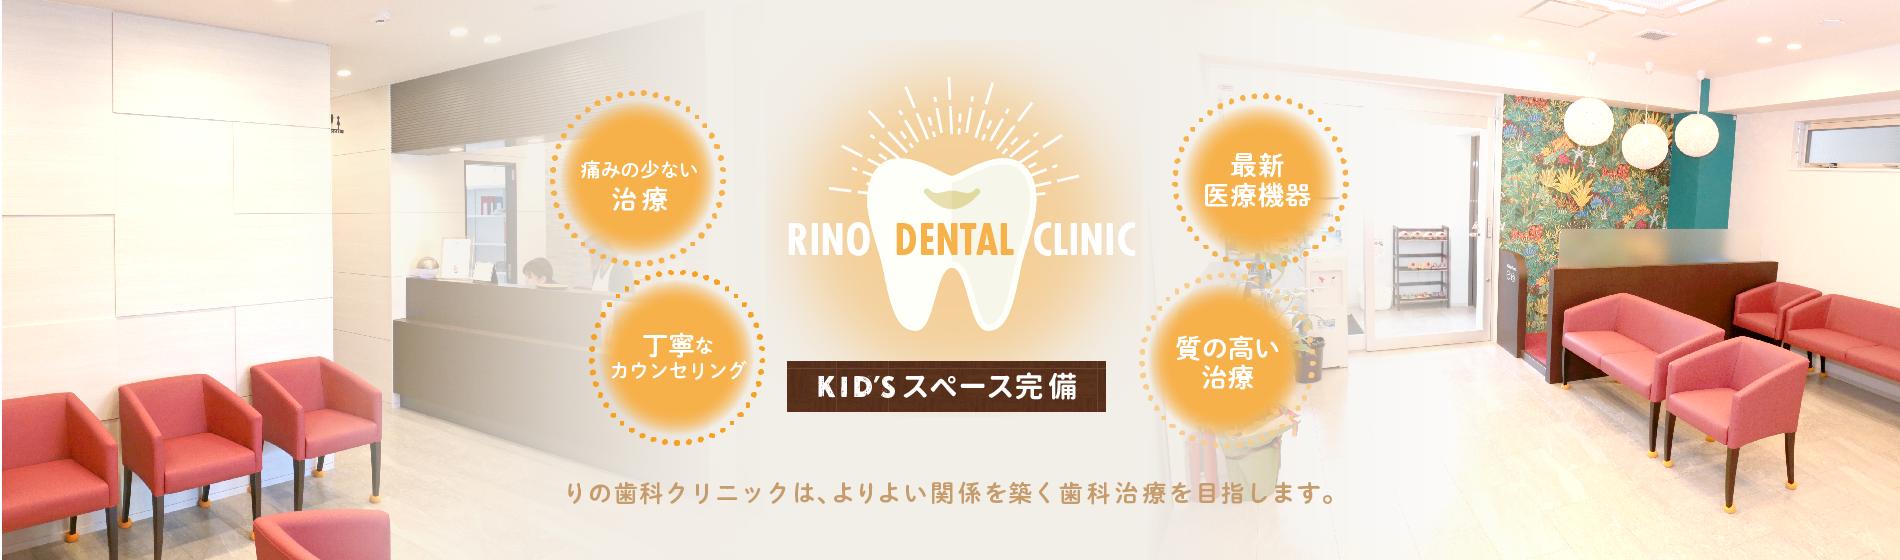 りの歯科クリニックはよりよい関係を築く歯科治療を目指します。キッズスペース完備